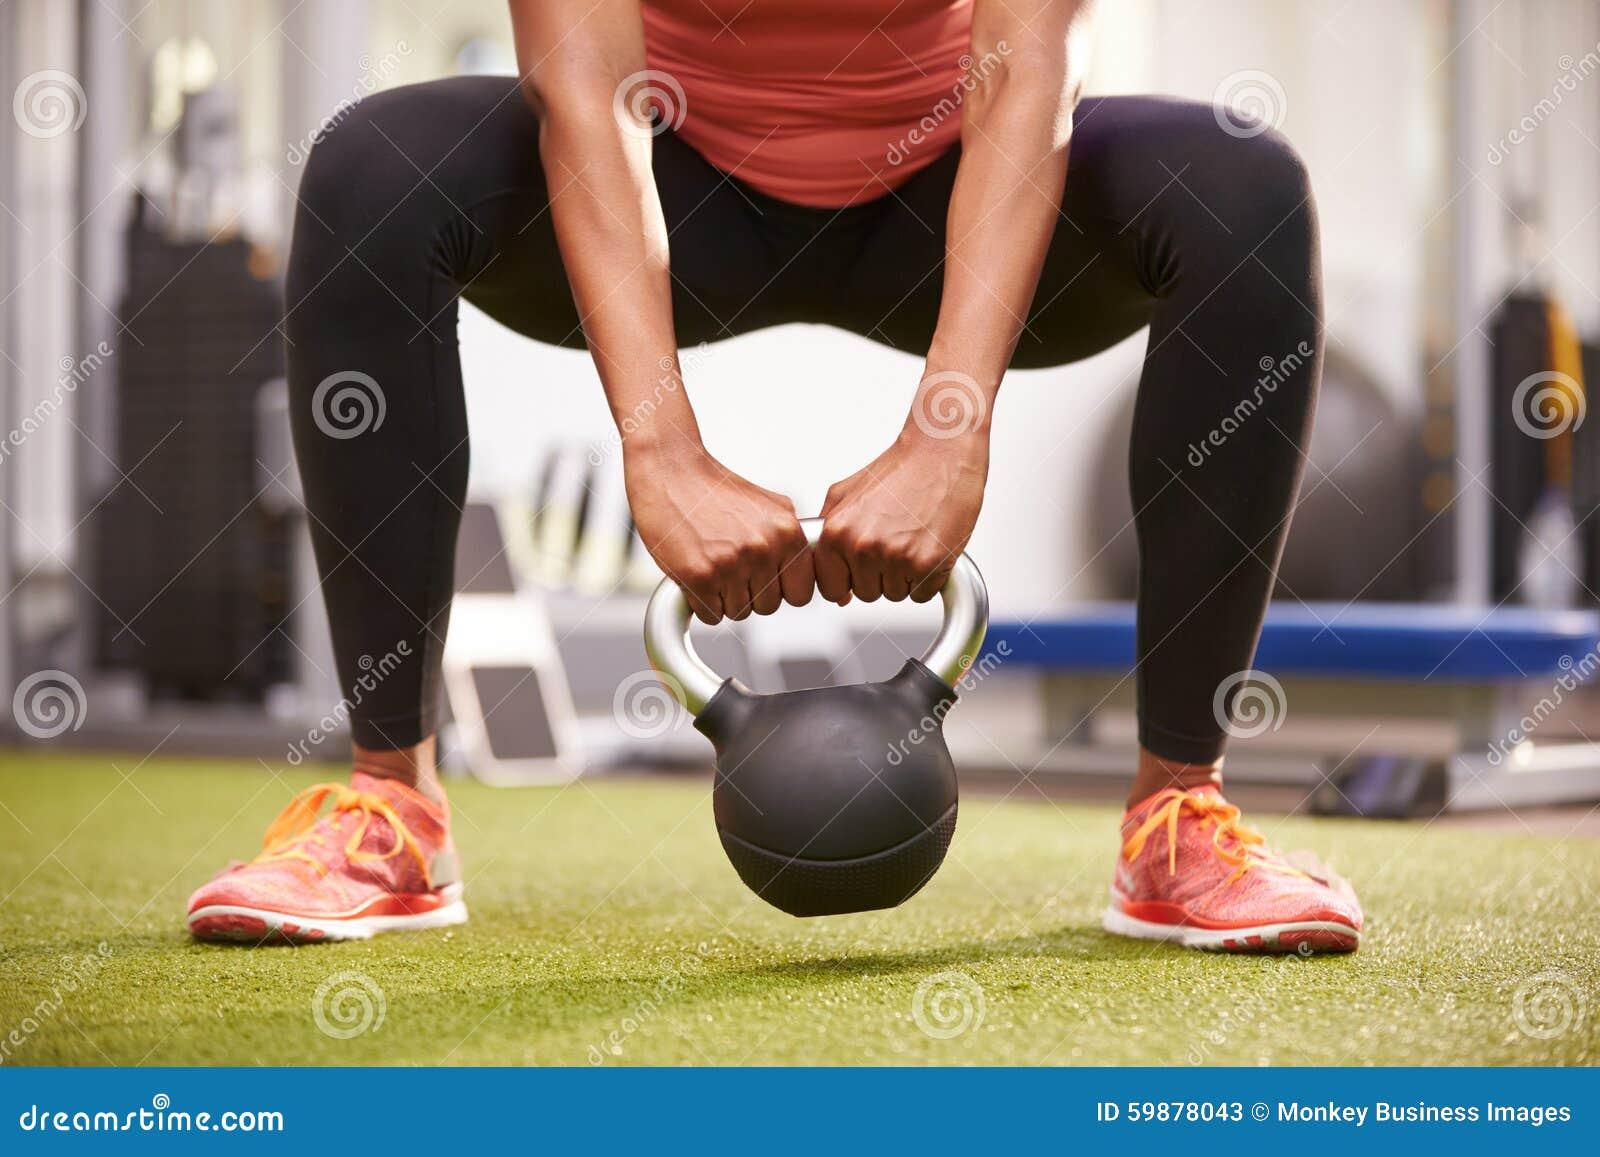 Femme s exerçant avec un poids de kettlebell, culture de bas-section de vue de face